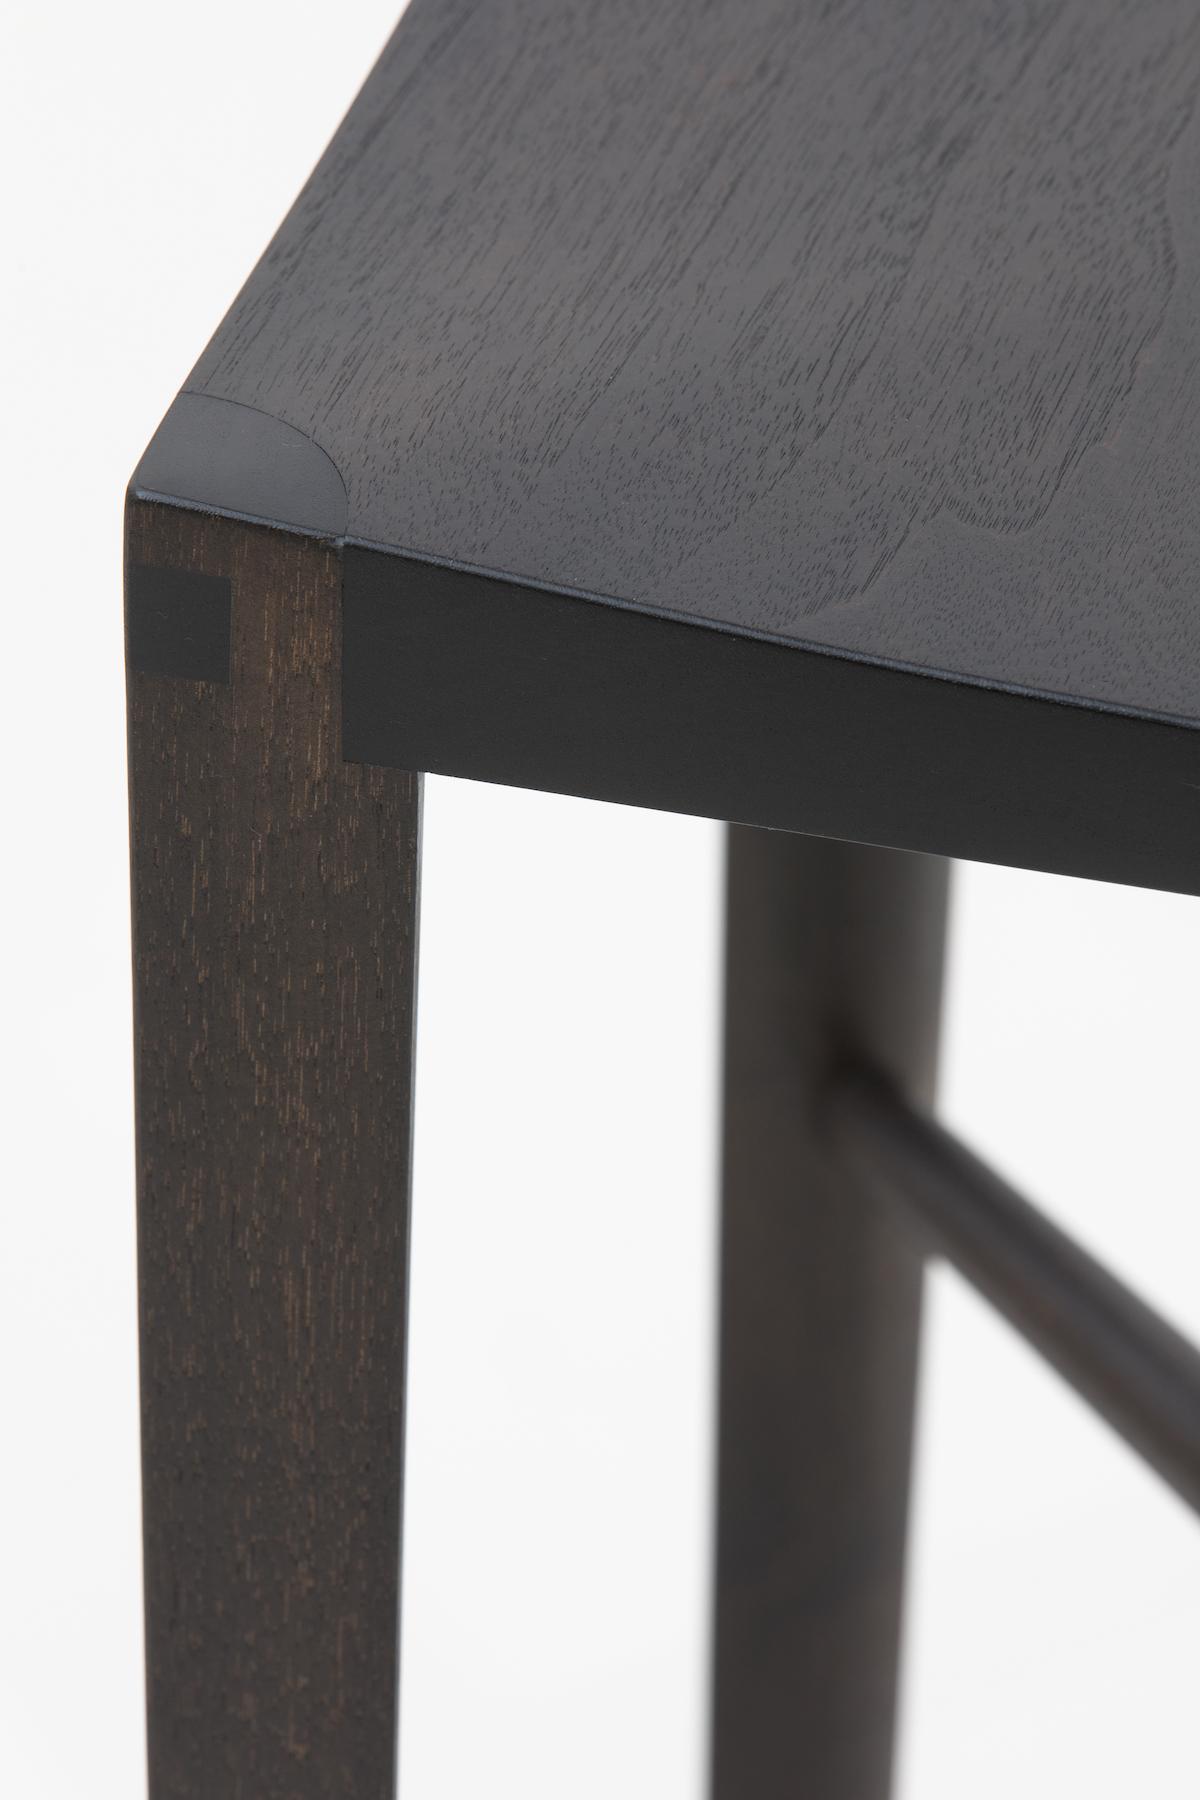 surface grain detail of a Backless Quarter Round Bar Stool by artist Christopher Kurtz